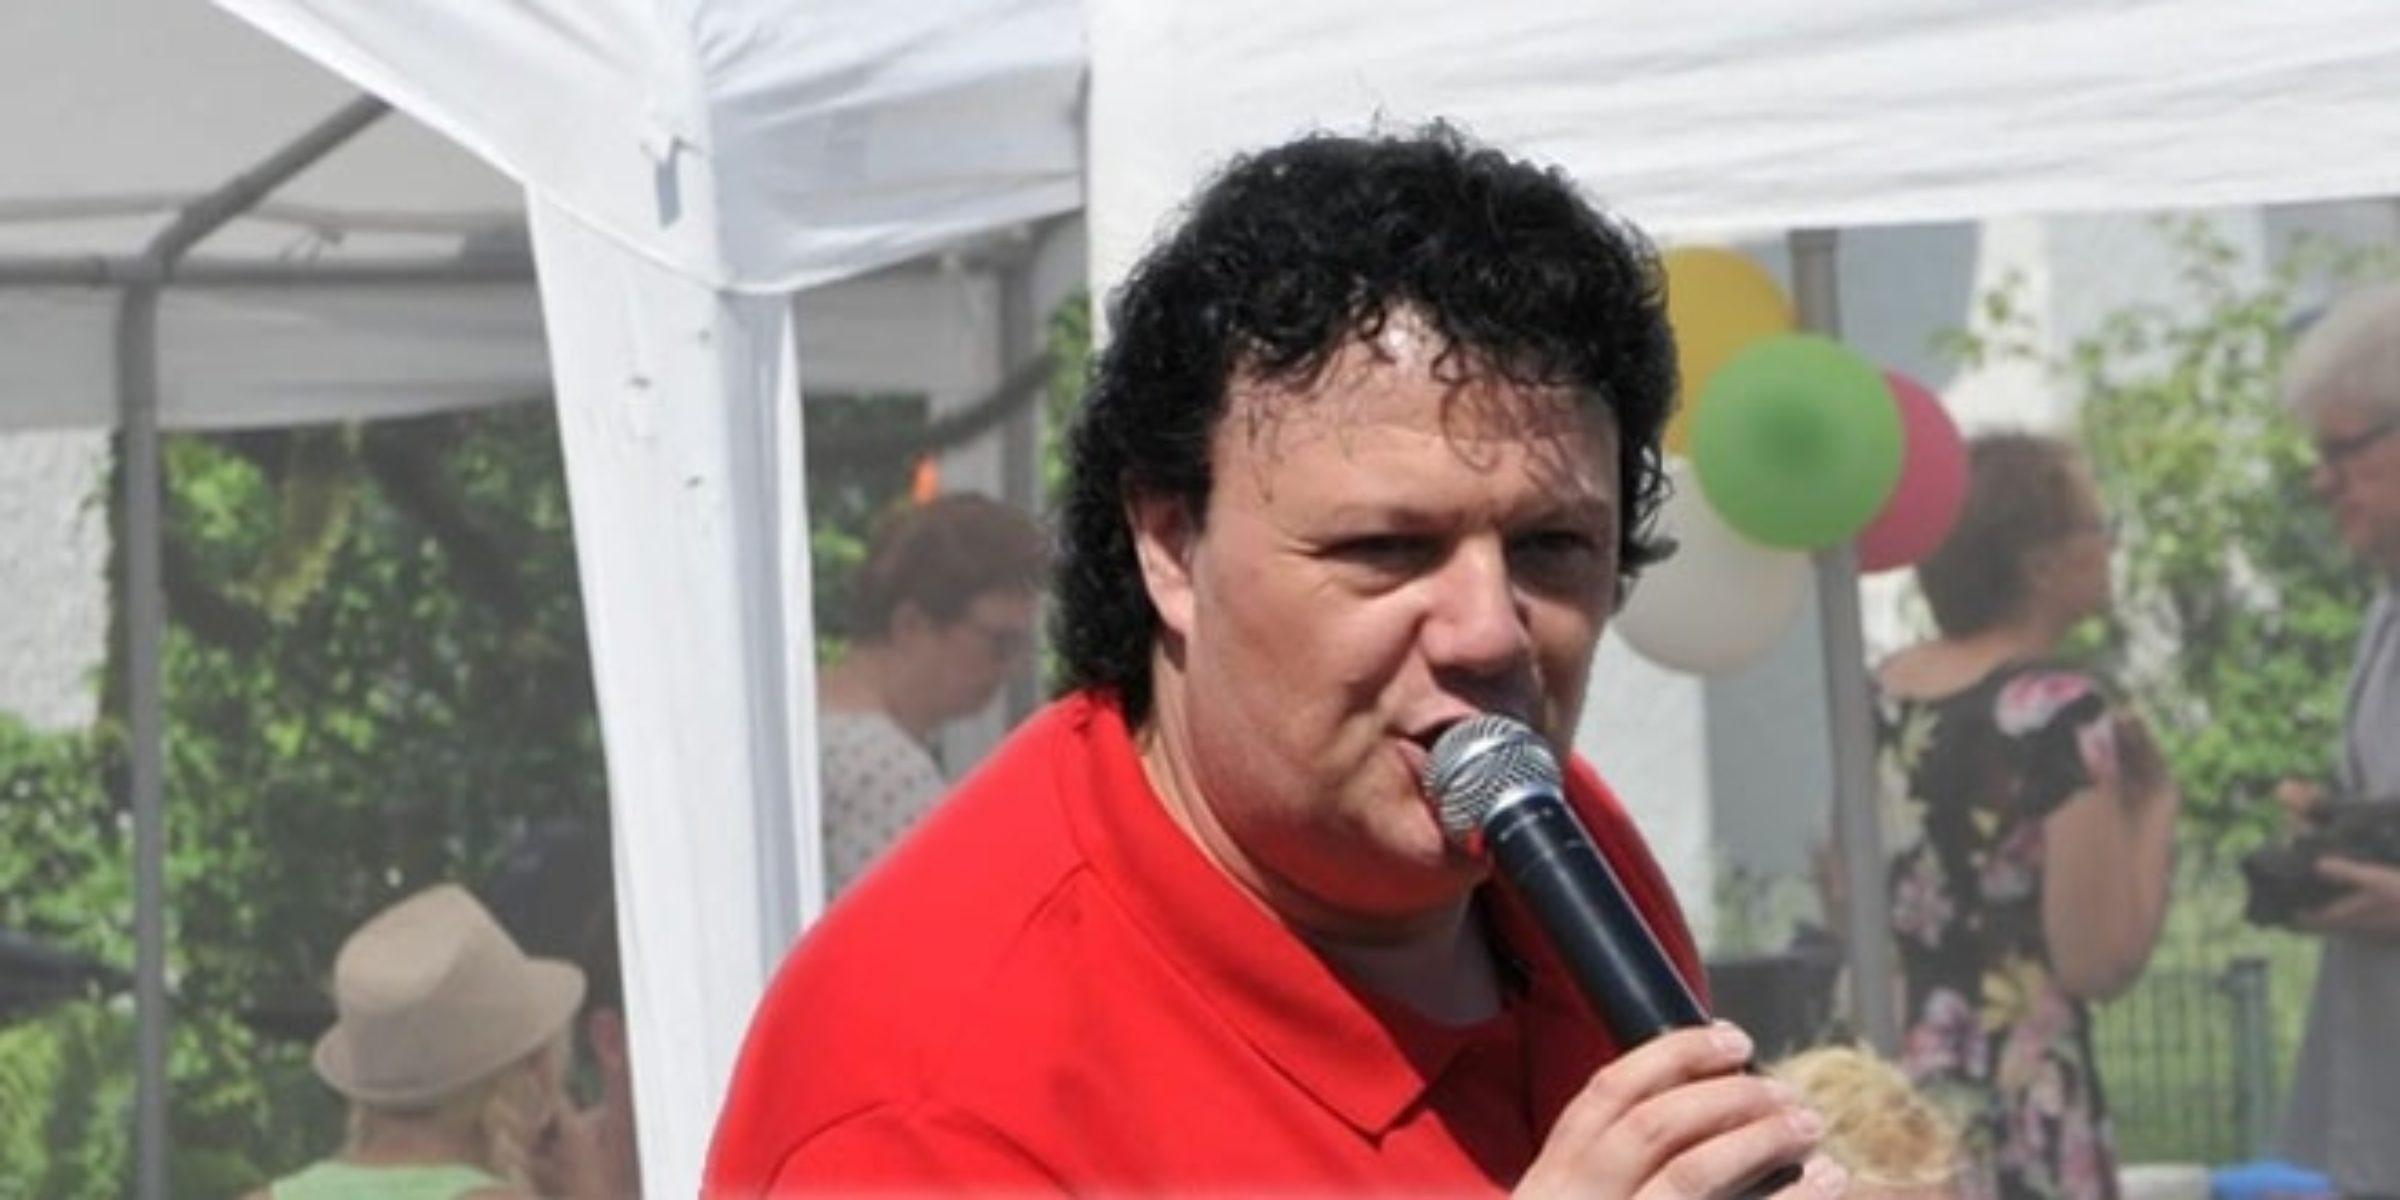 4 Meimarkt Chris De Roo